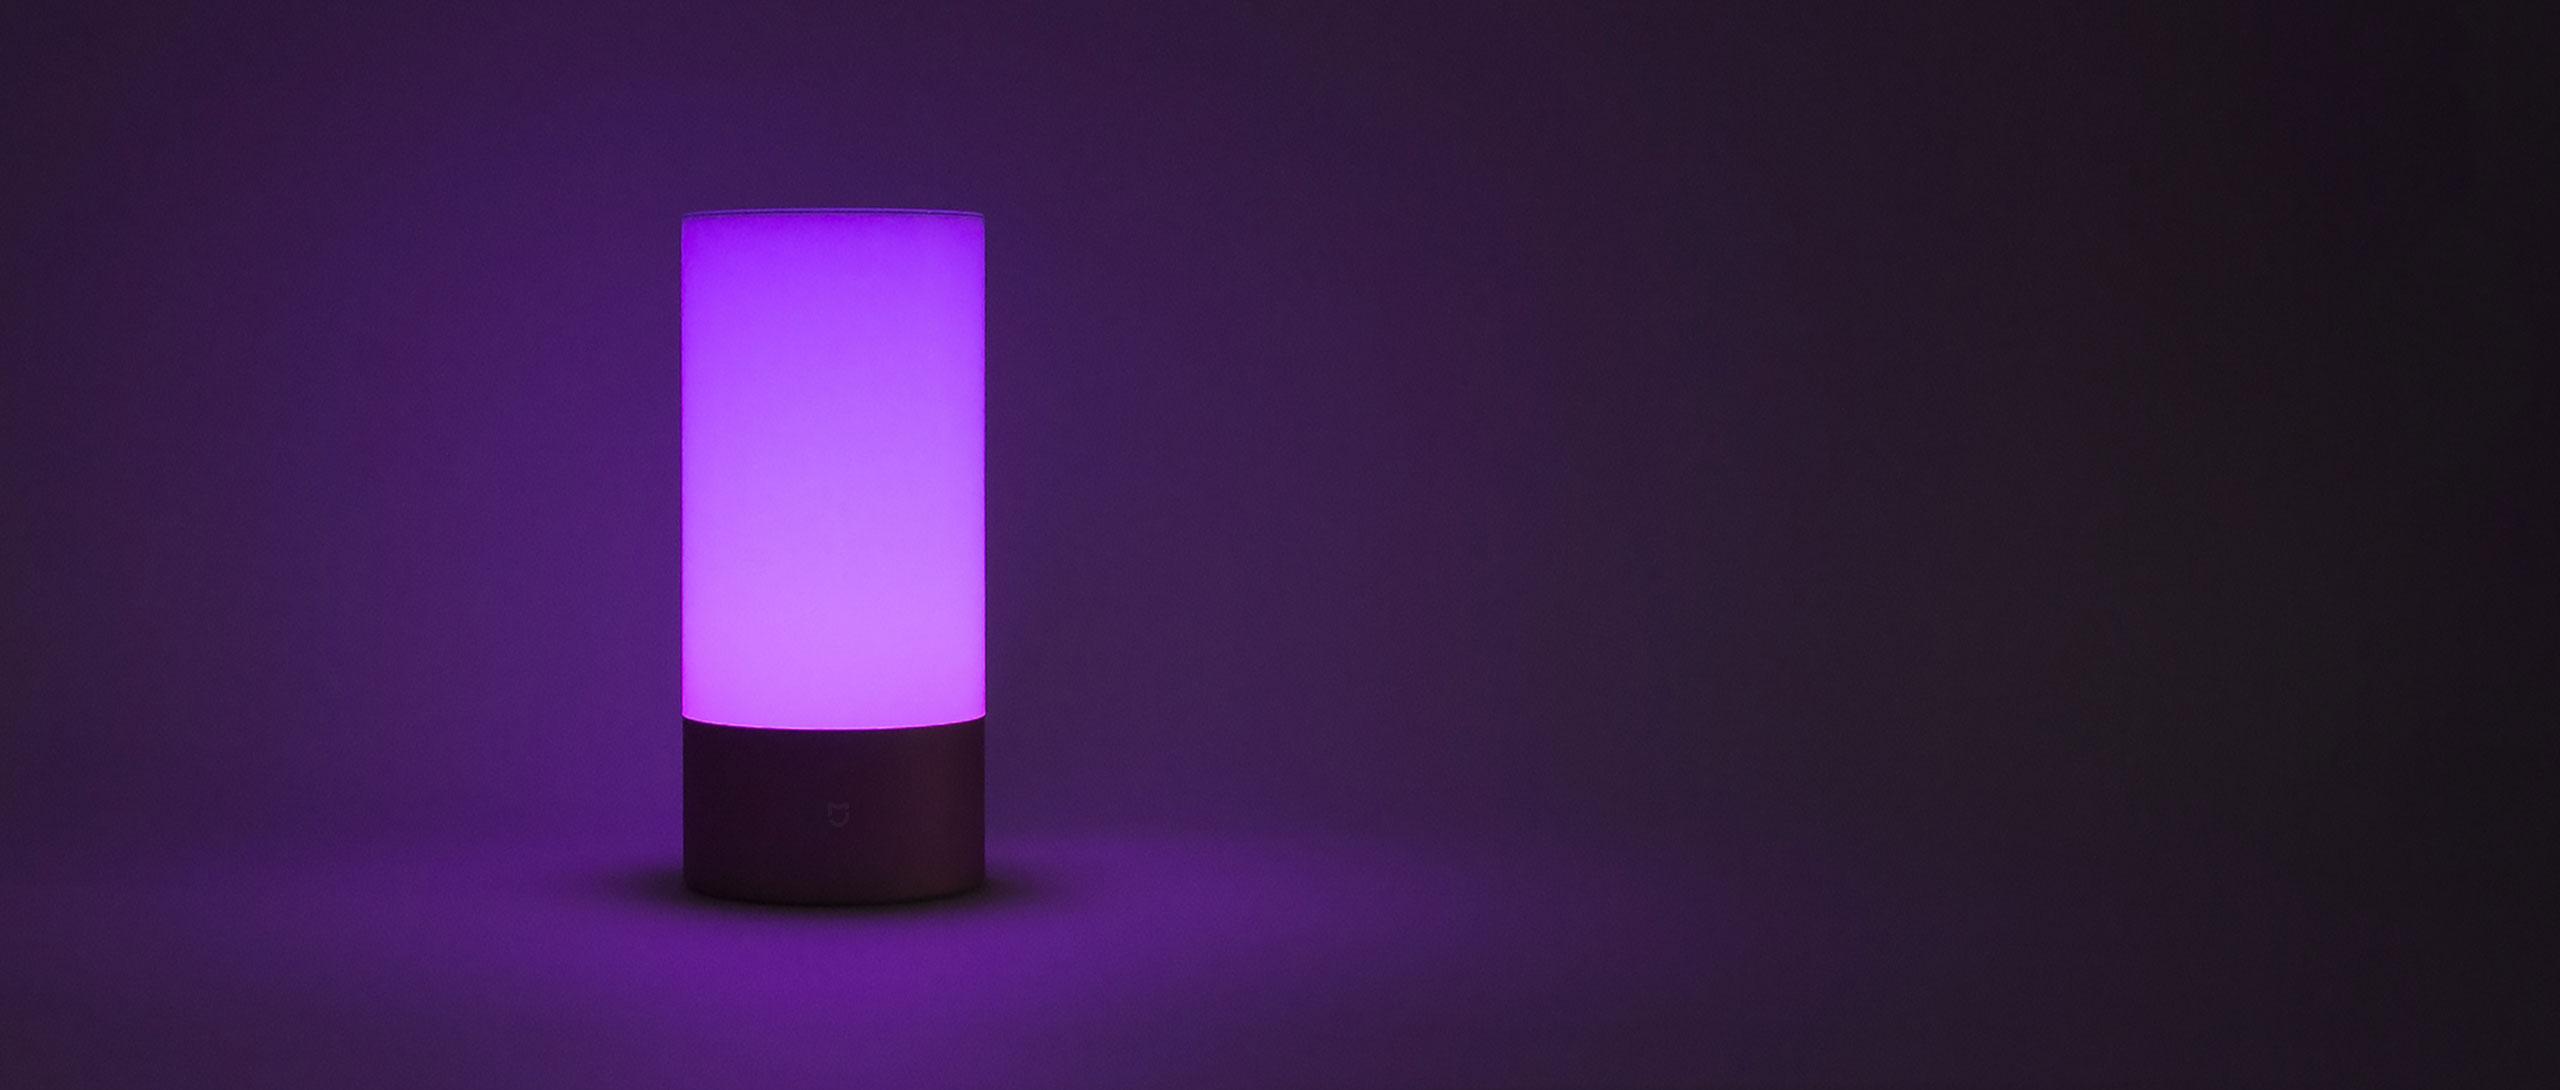 mj-bedsidelamp-02-07.jpg